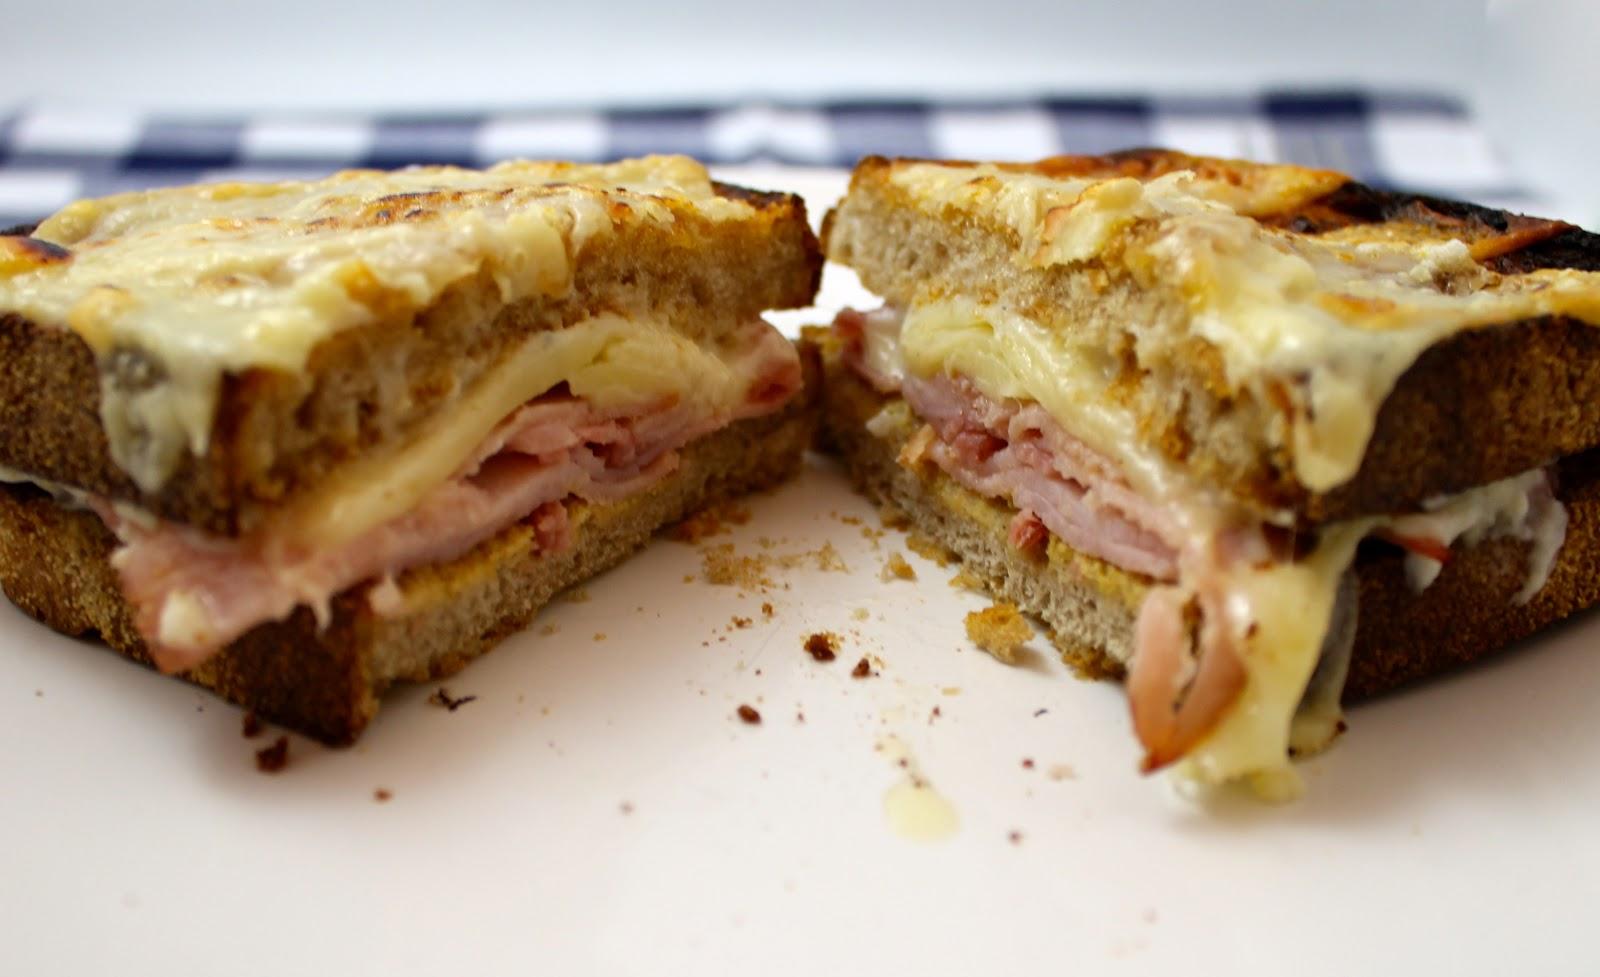 monsieur sandwich la mushroom croque monsieur croque monsieur croque ...